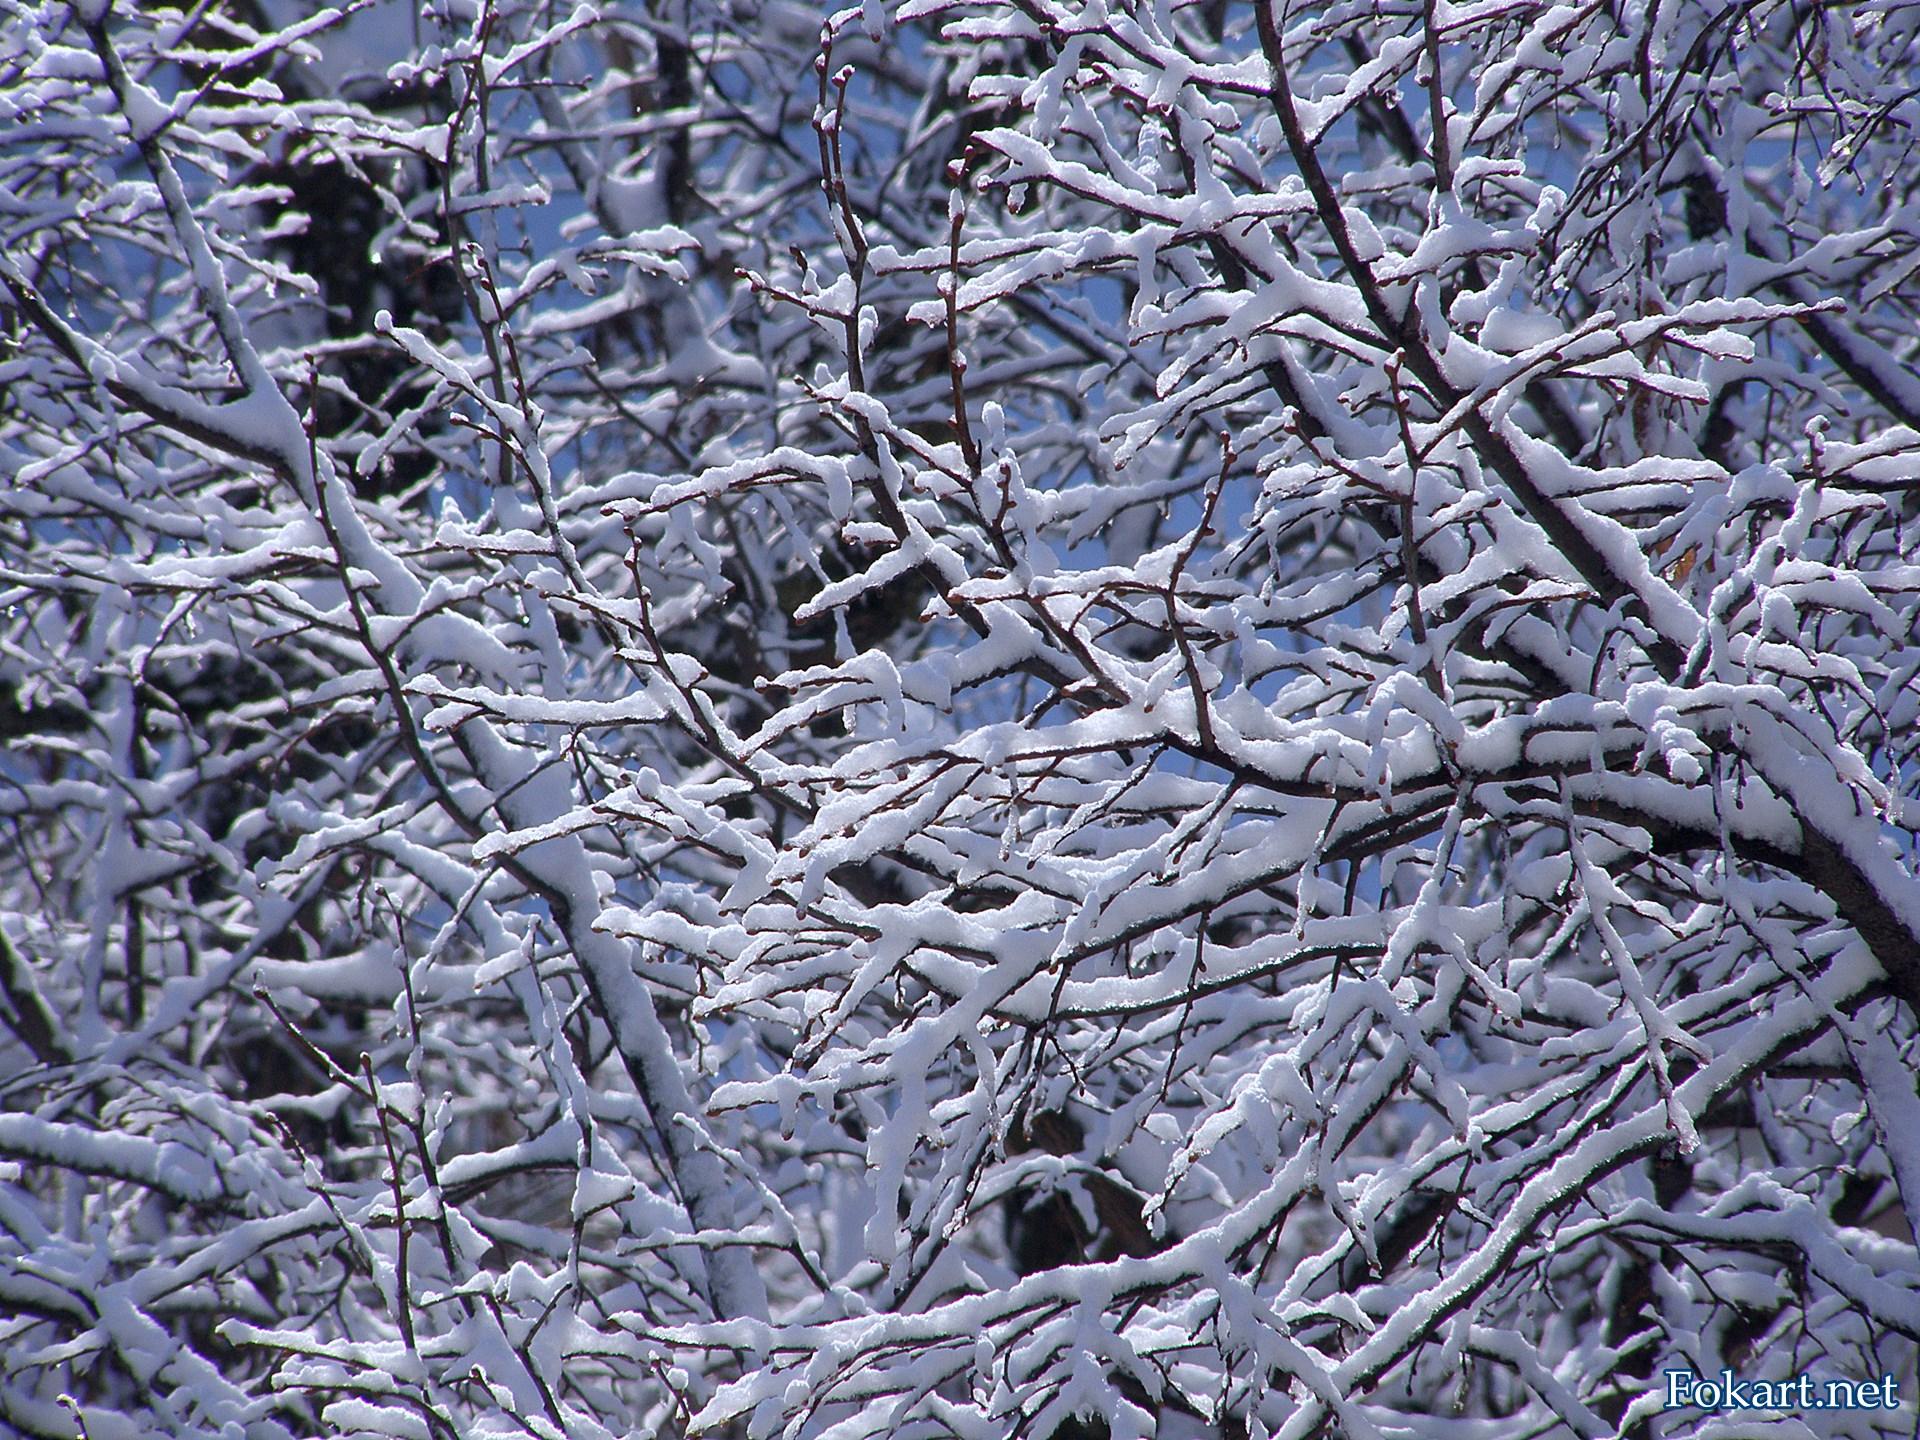 Заснеженные ветки липы в мягких лучах зимнего утреннего солнца